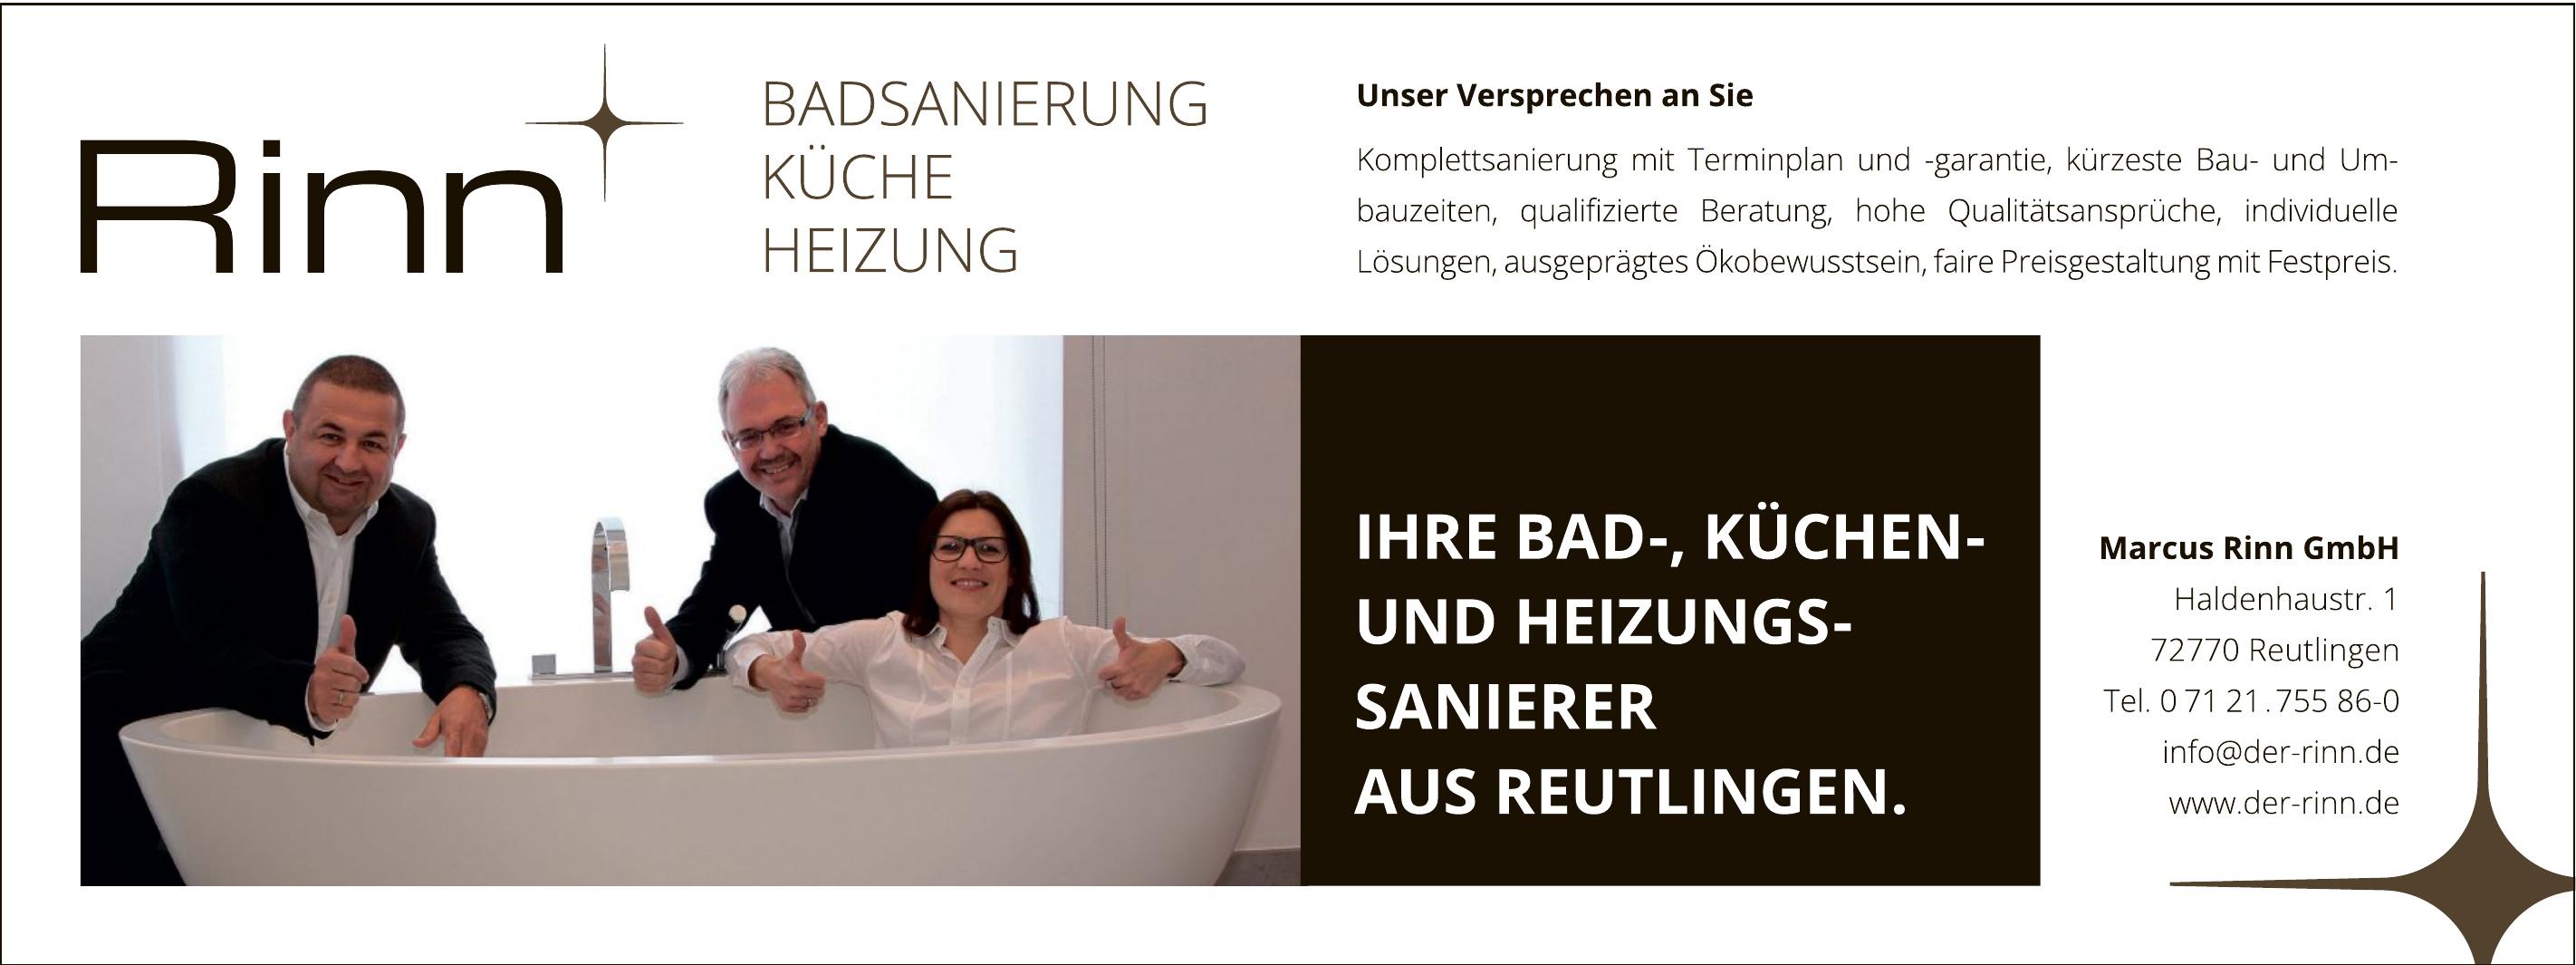 Marcus Rinn GmbH